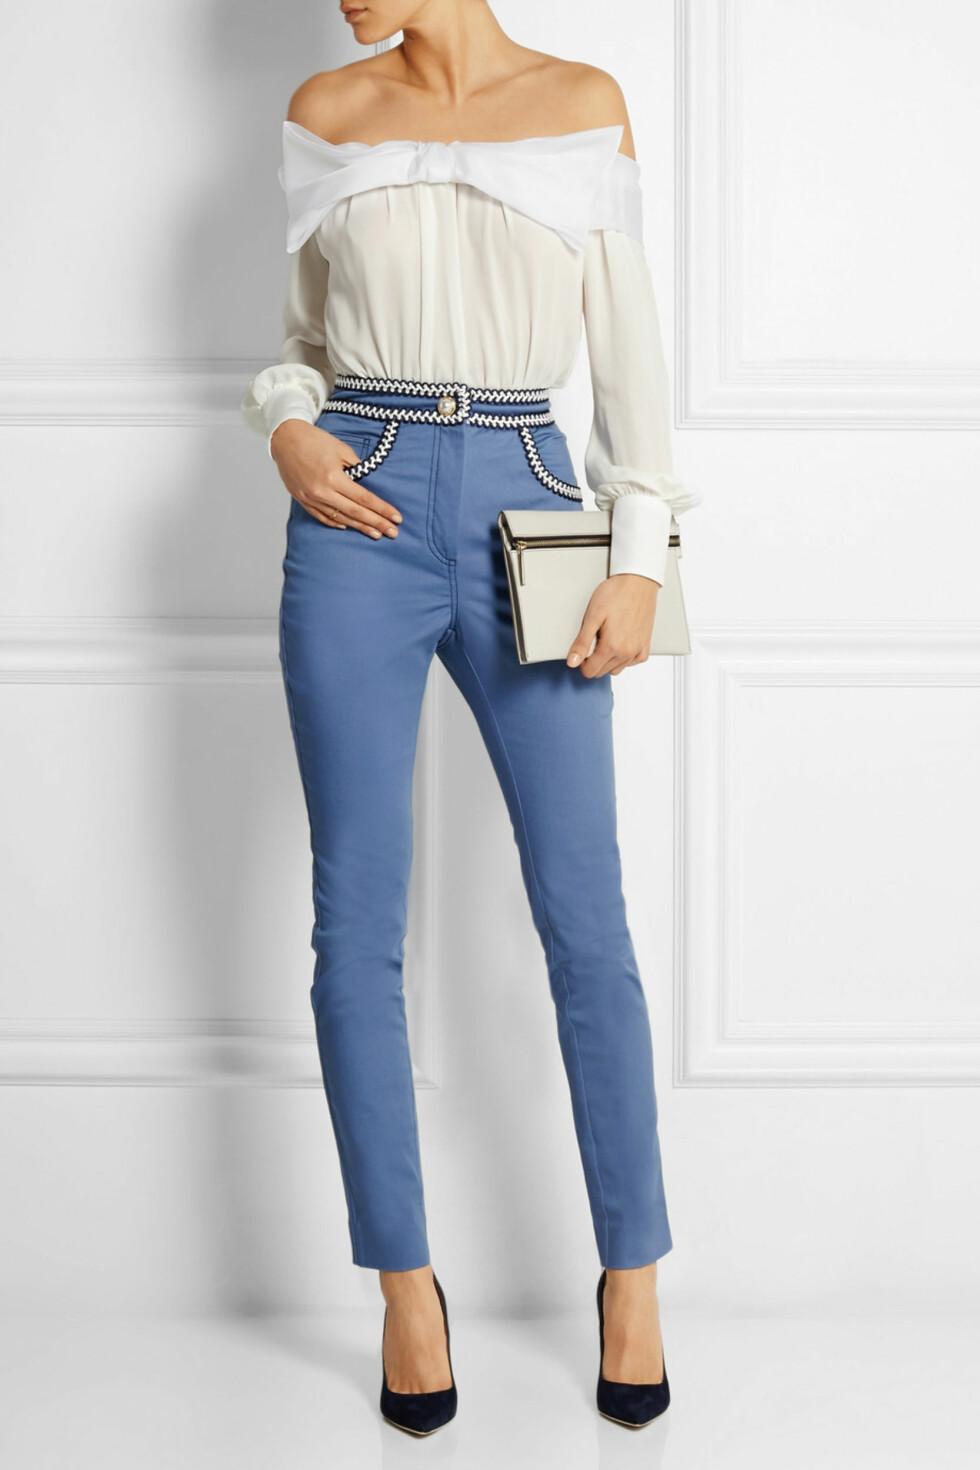 SKJUL MAGEN: Gå for bukser med høyt liv om du har litt ekstra på magen. Jeans fra Alessandra Rich via net-a-porter, ca. kr 5300.  Foto: Net-a-porter.com